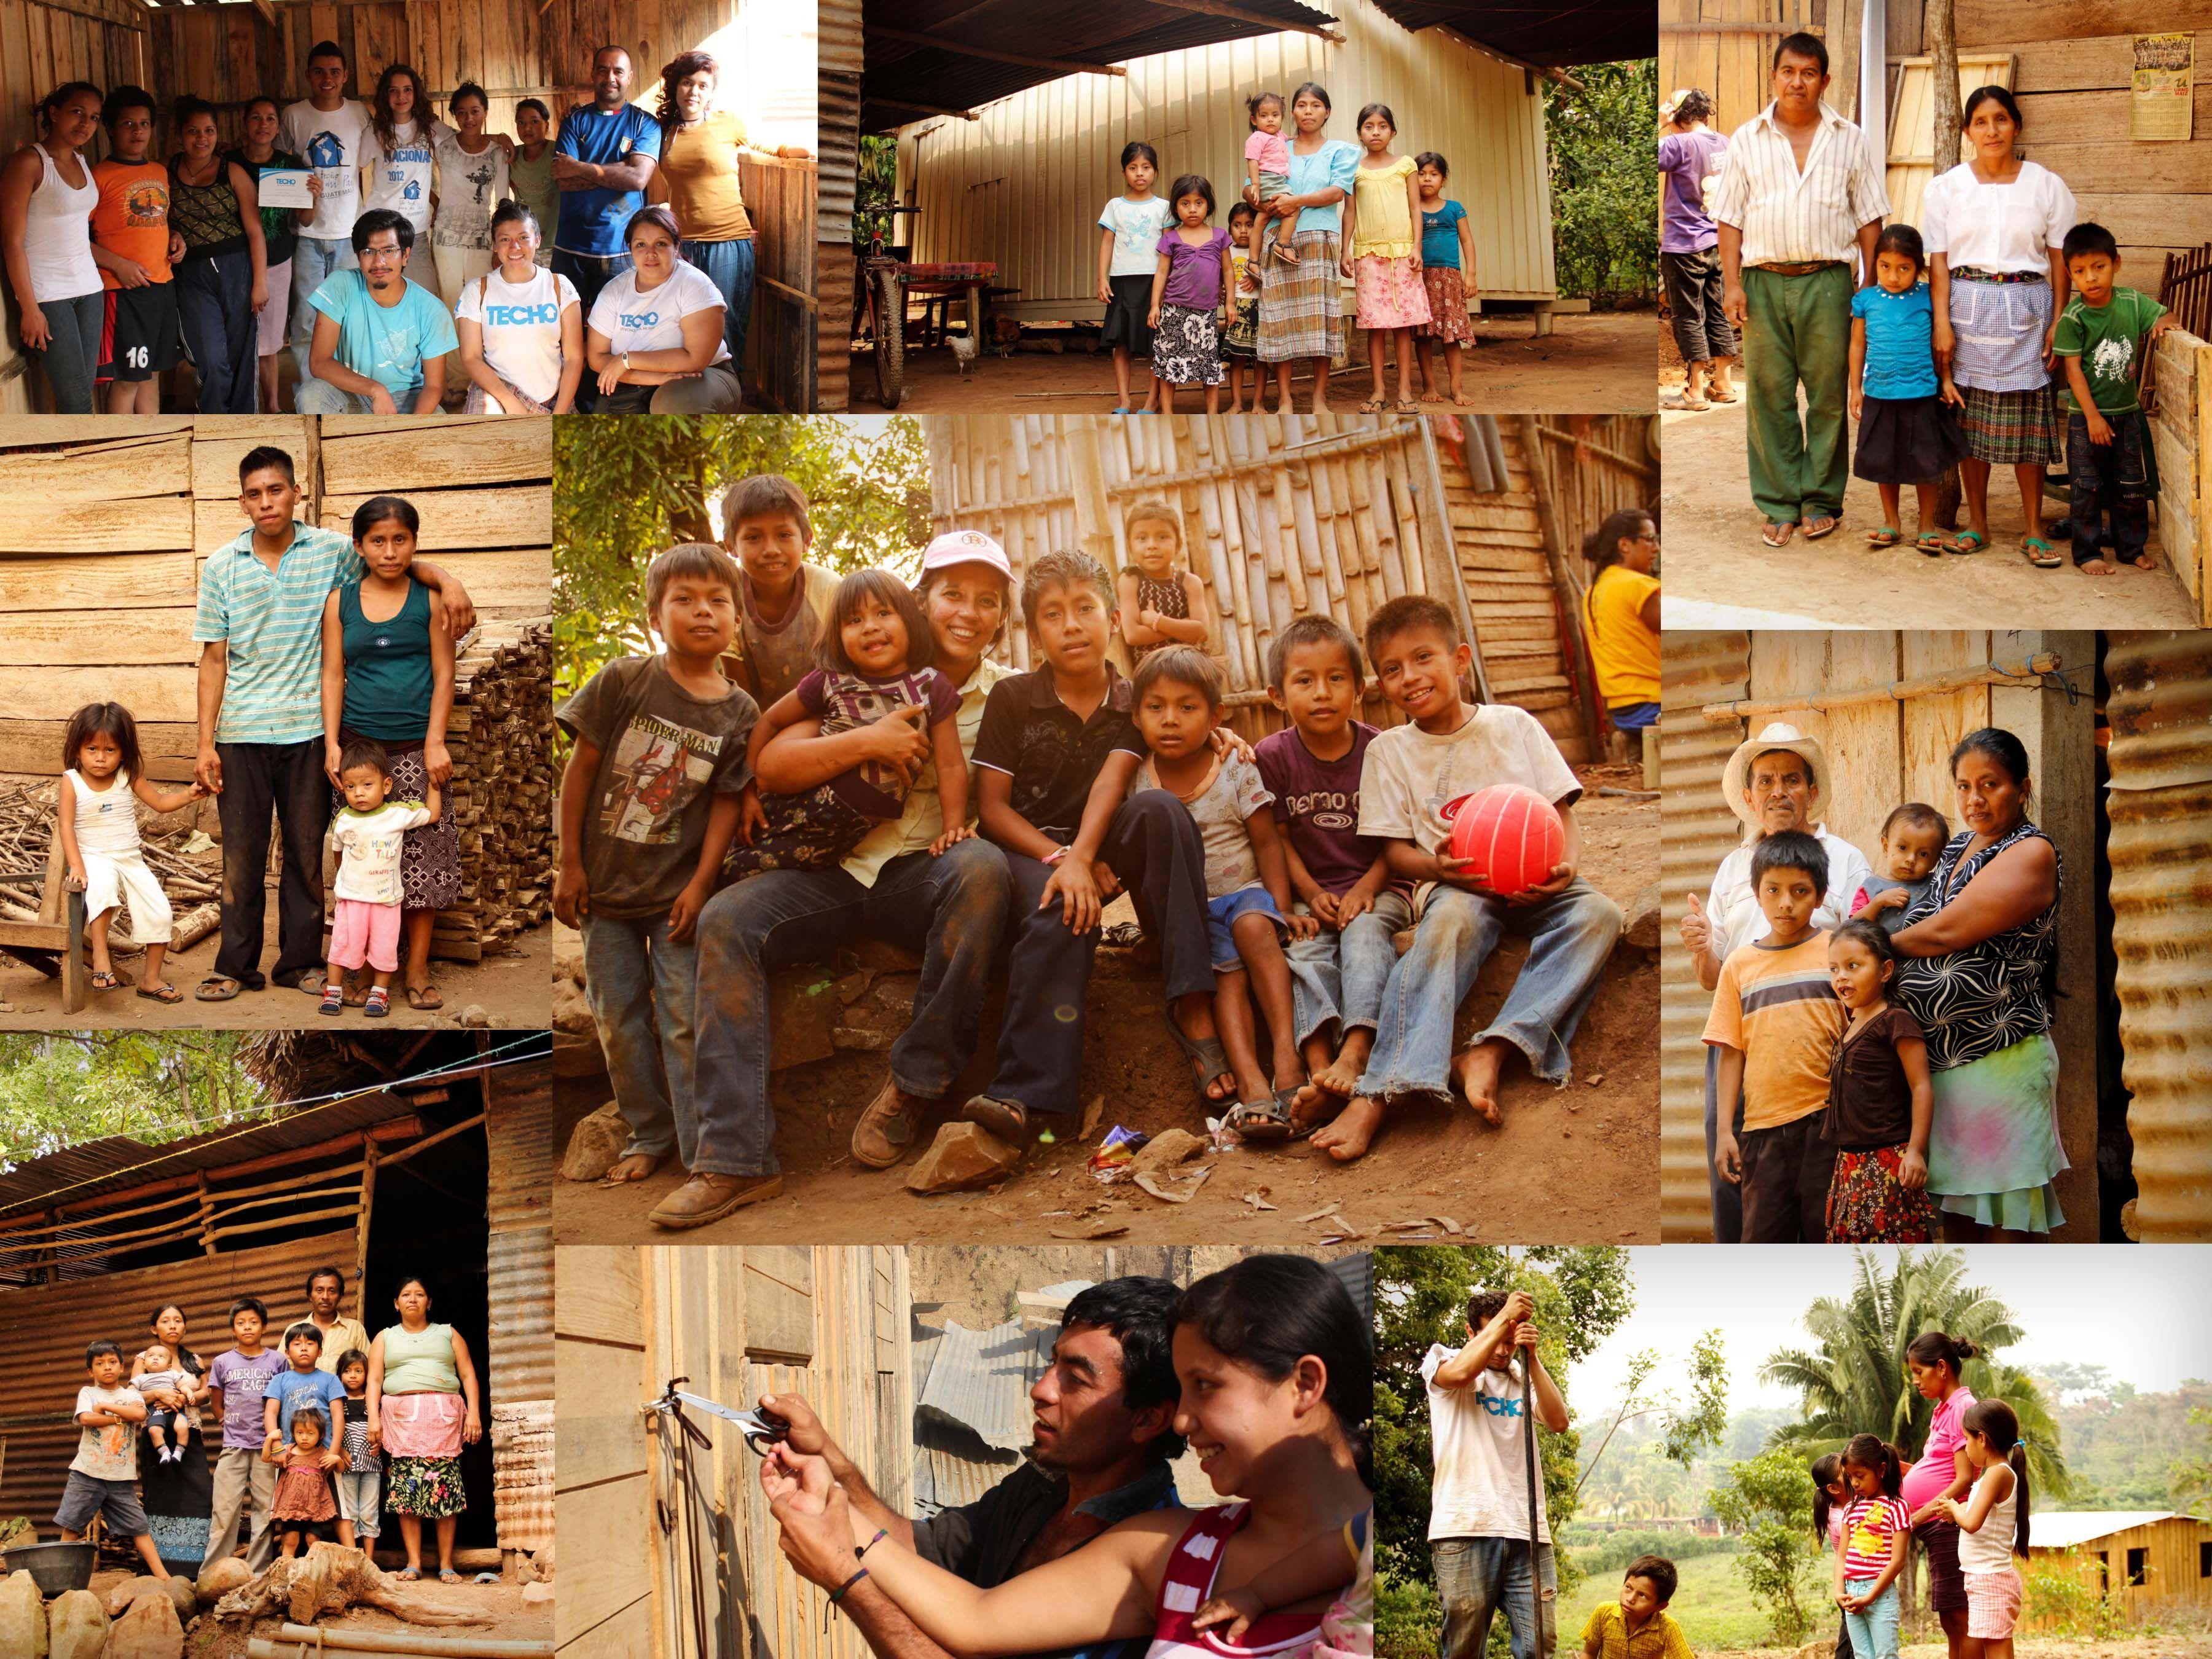 Un hogar esta al lado de la familia.  Trabajando en conjunto con TECHO para mi país. #techo #techogua #guatemala